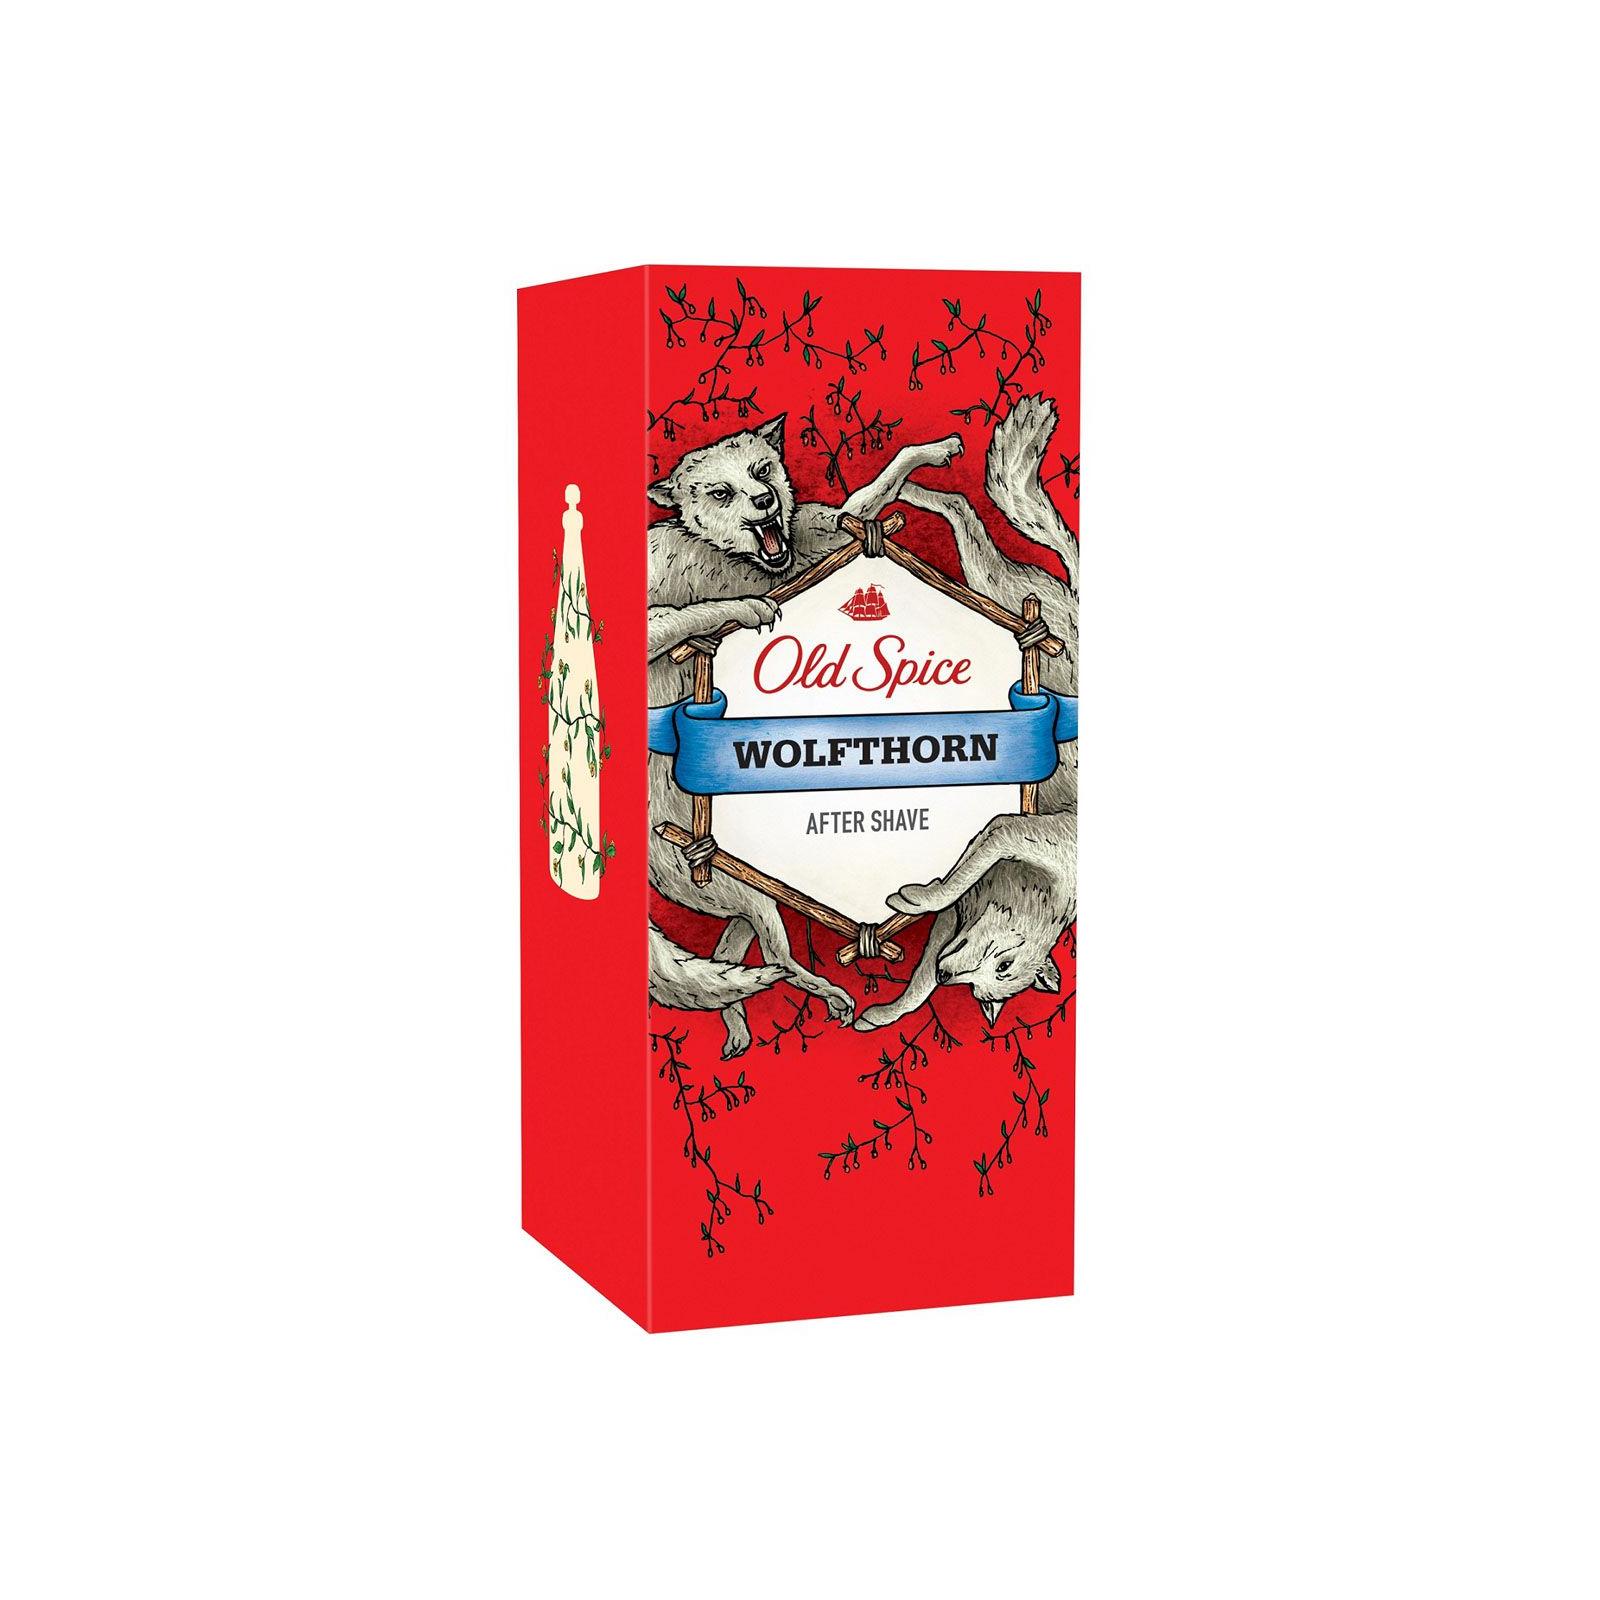 Лосьон после бритья Old Spice Wolfthorn 100 мл (4015600314590) изображение 2